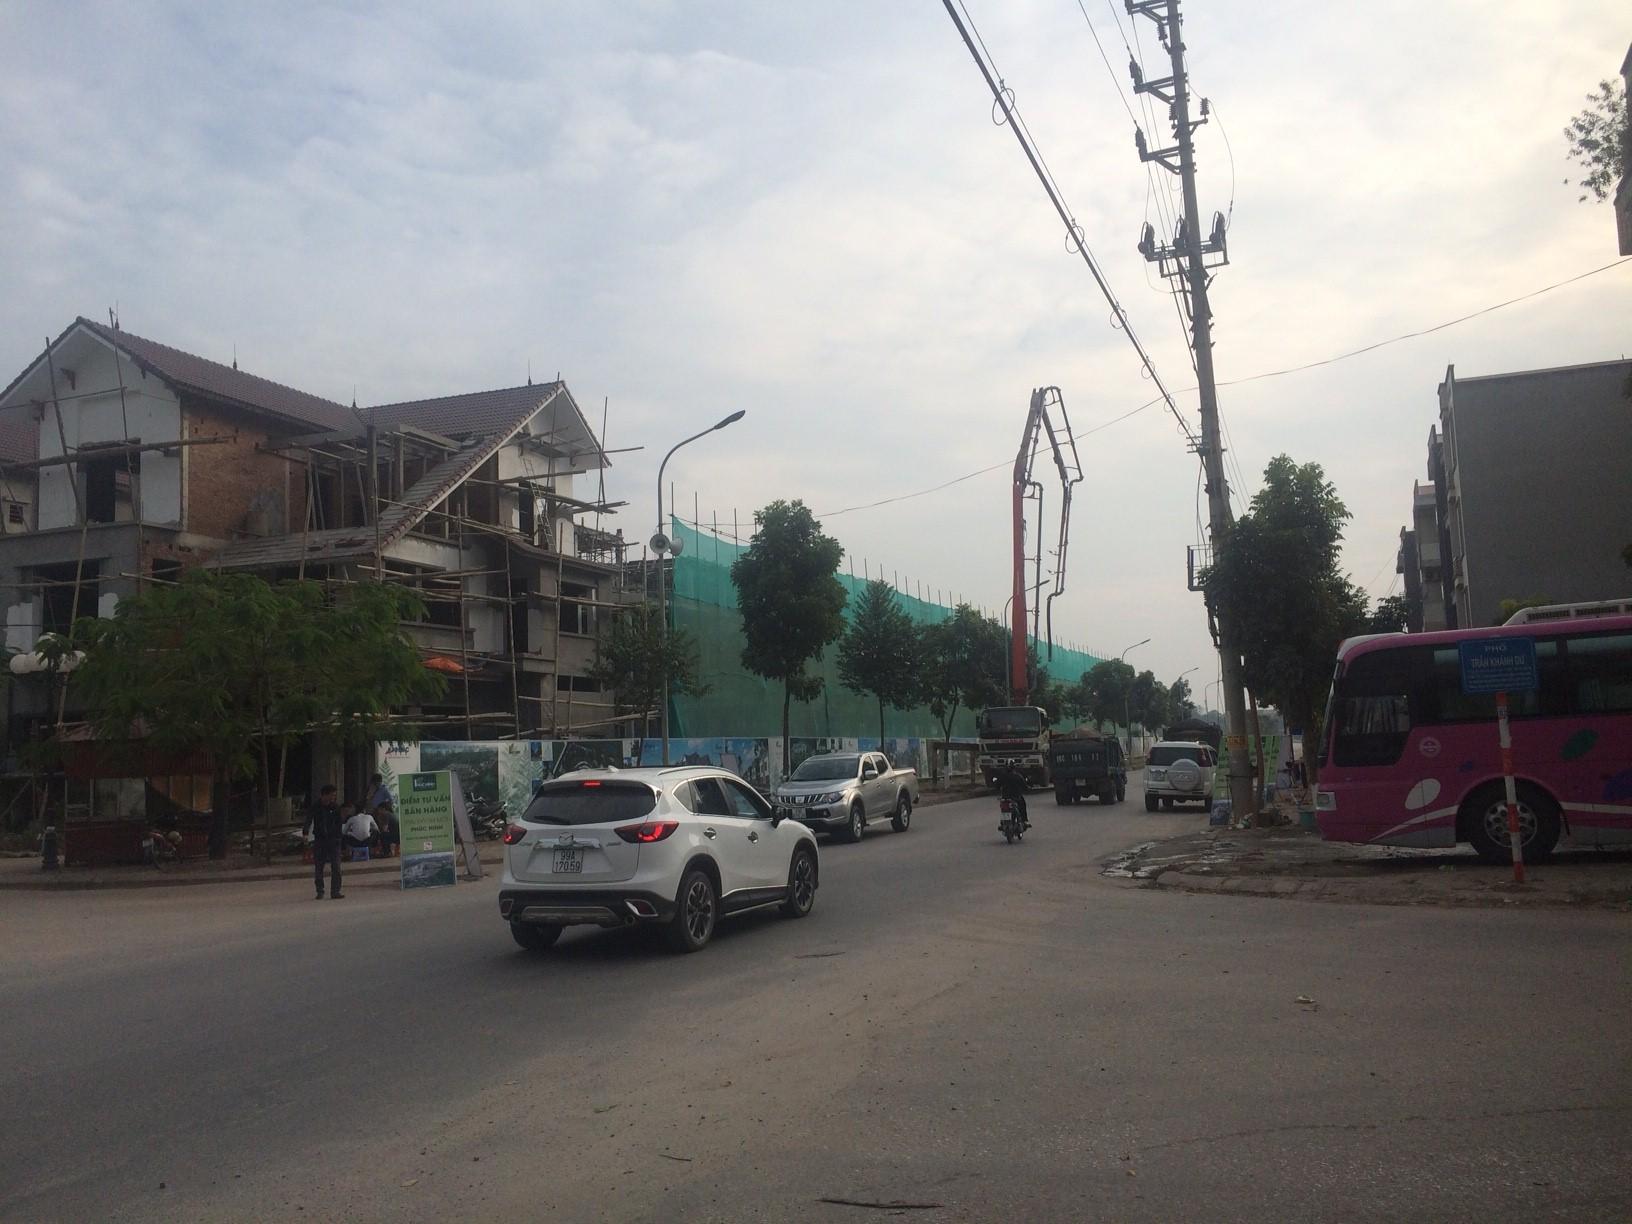 Tien do thi cong du an khu do thi phuc ninh thang 11 (2)